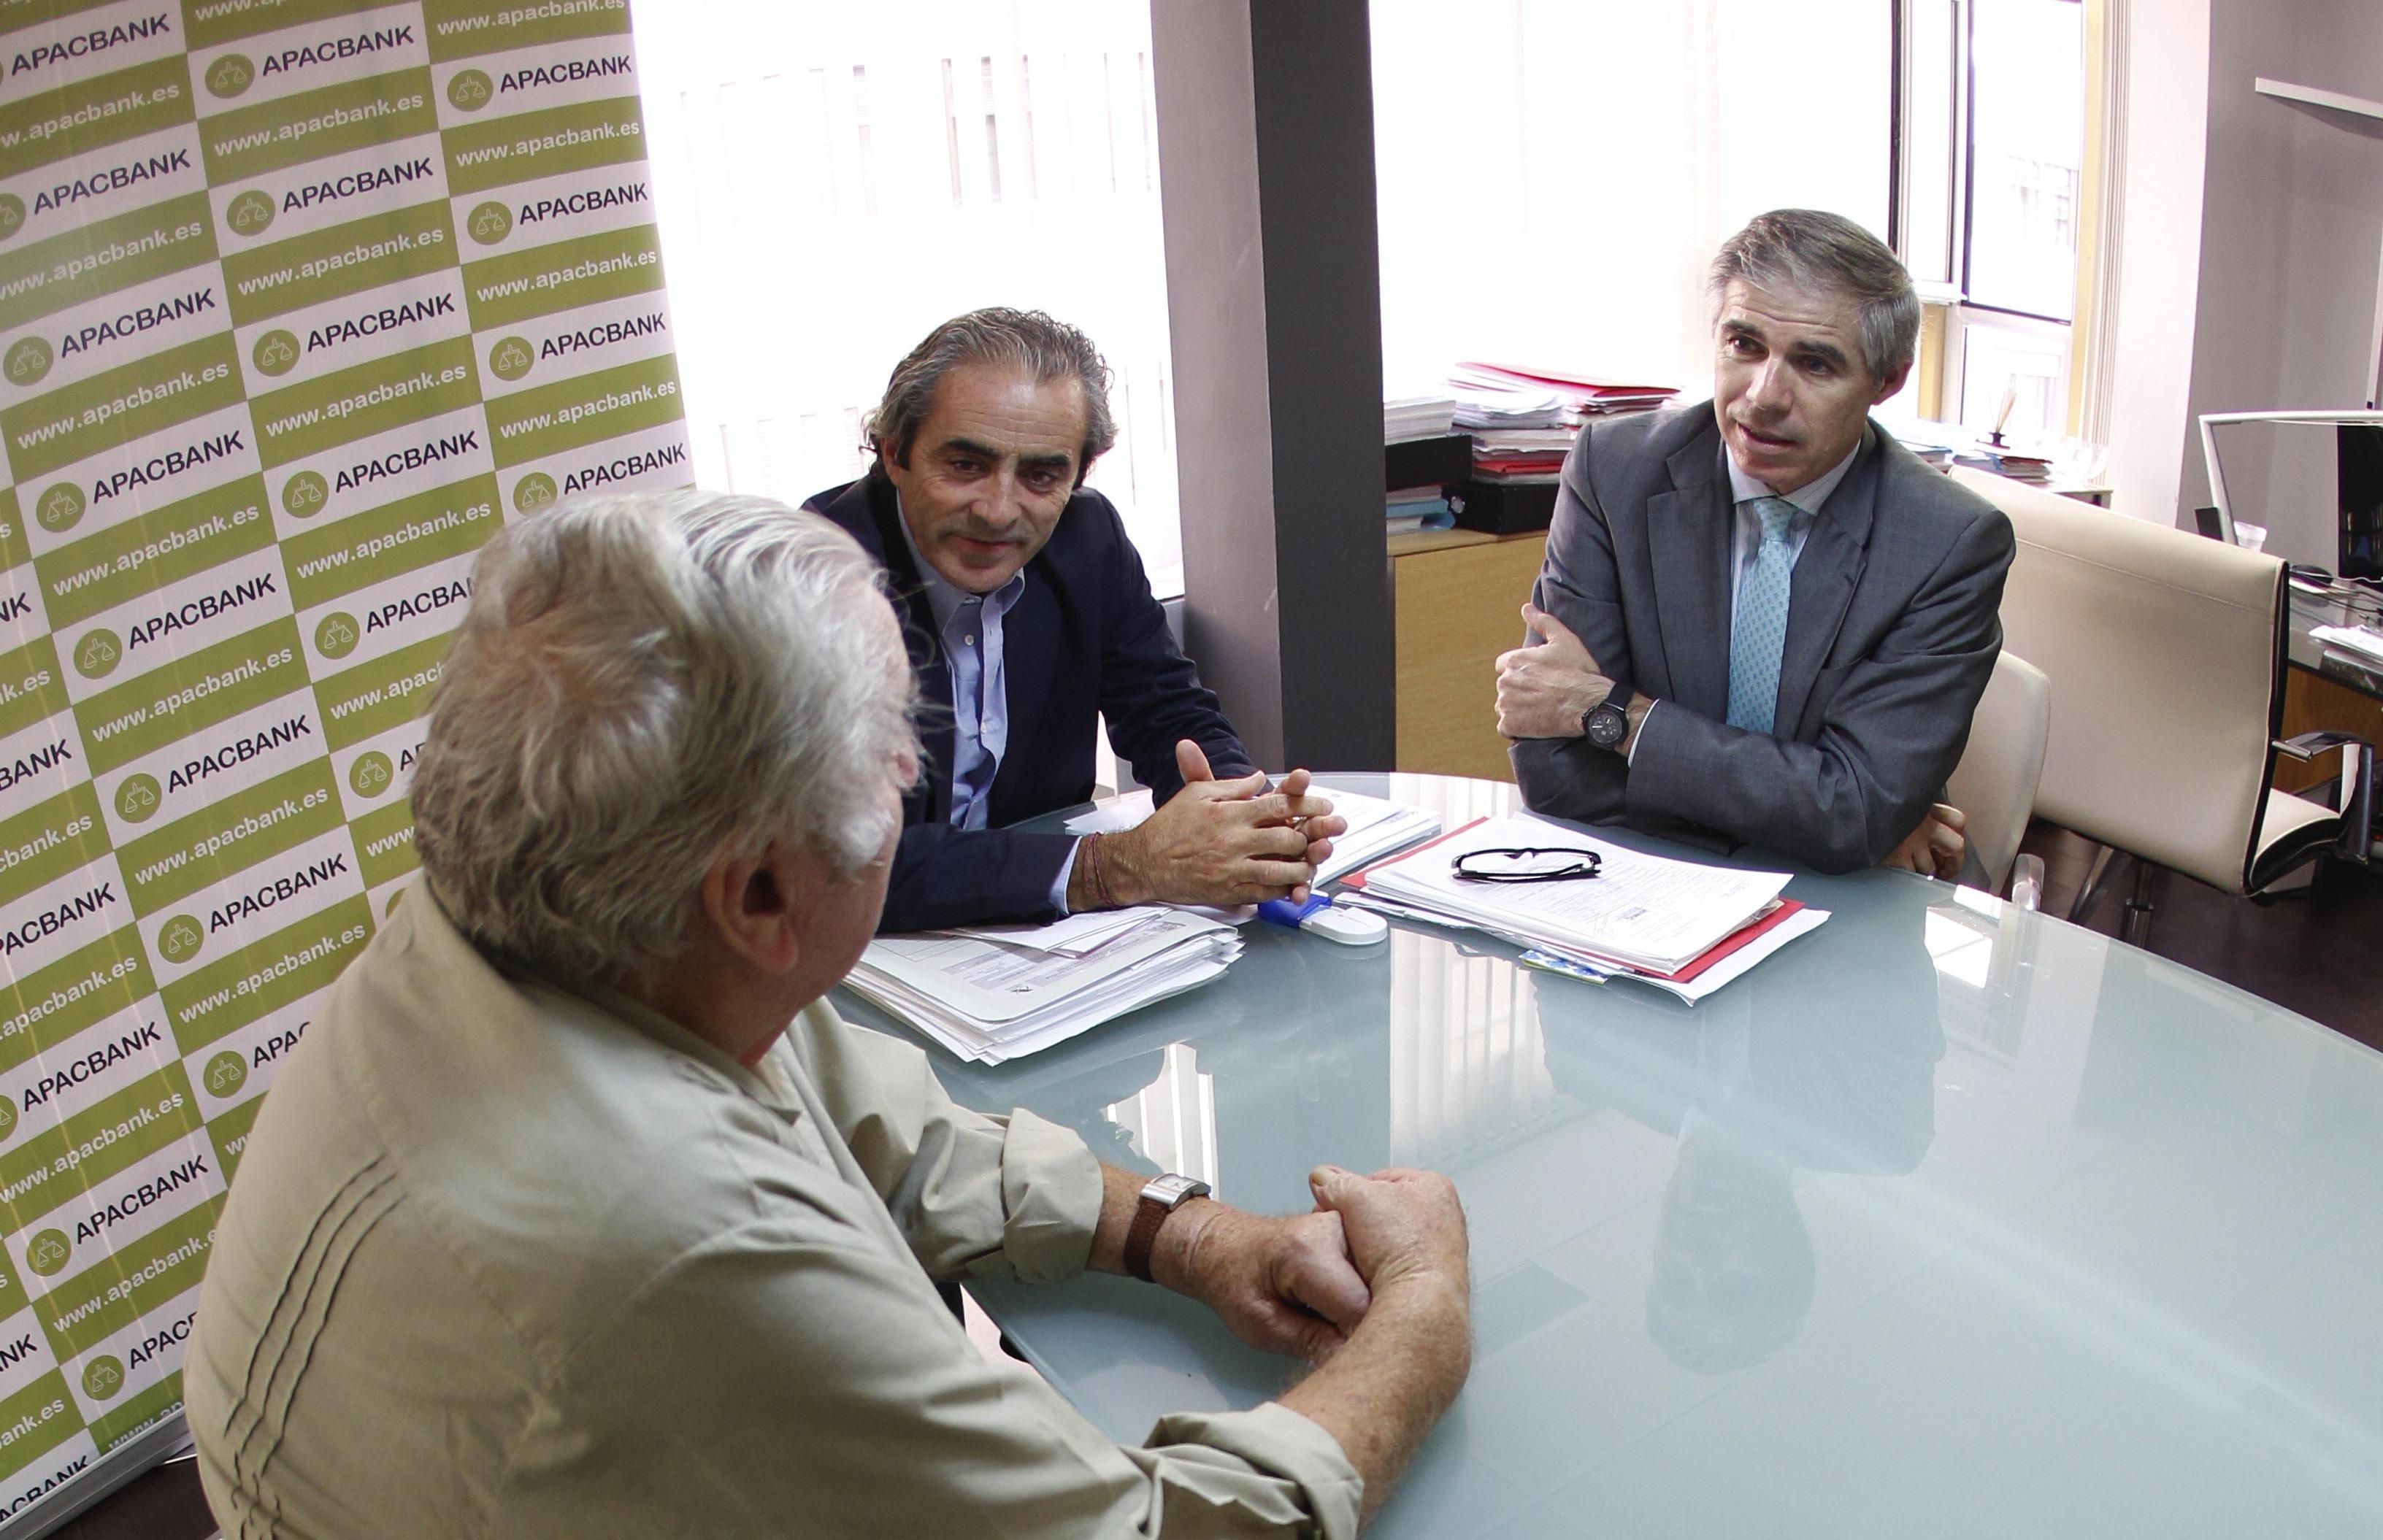 RICARD TORRES Y SALVADOR SASTRE, DE APABANC, ASESORAN A UN DEMANDANTE